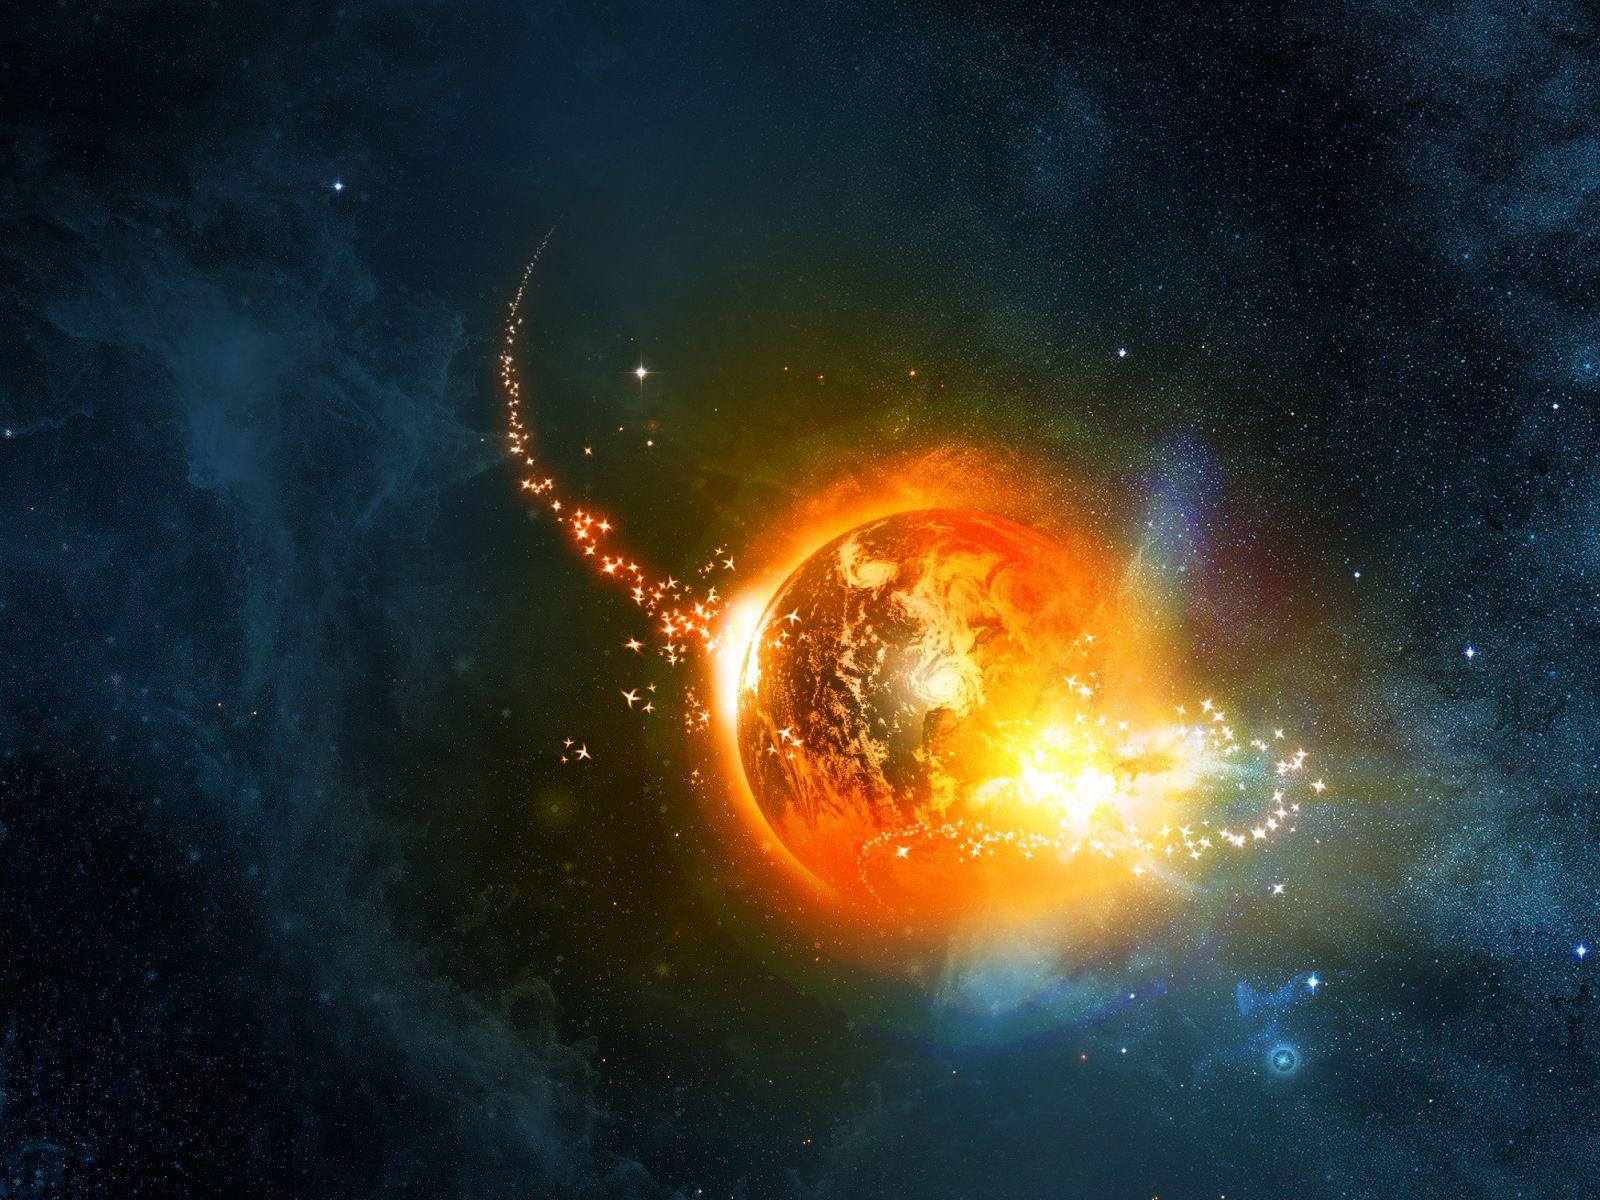 Загадочная планета Нибиру должна подлететь к Земле 21 декабря